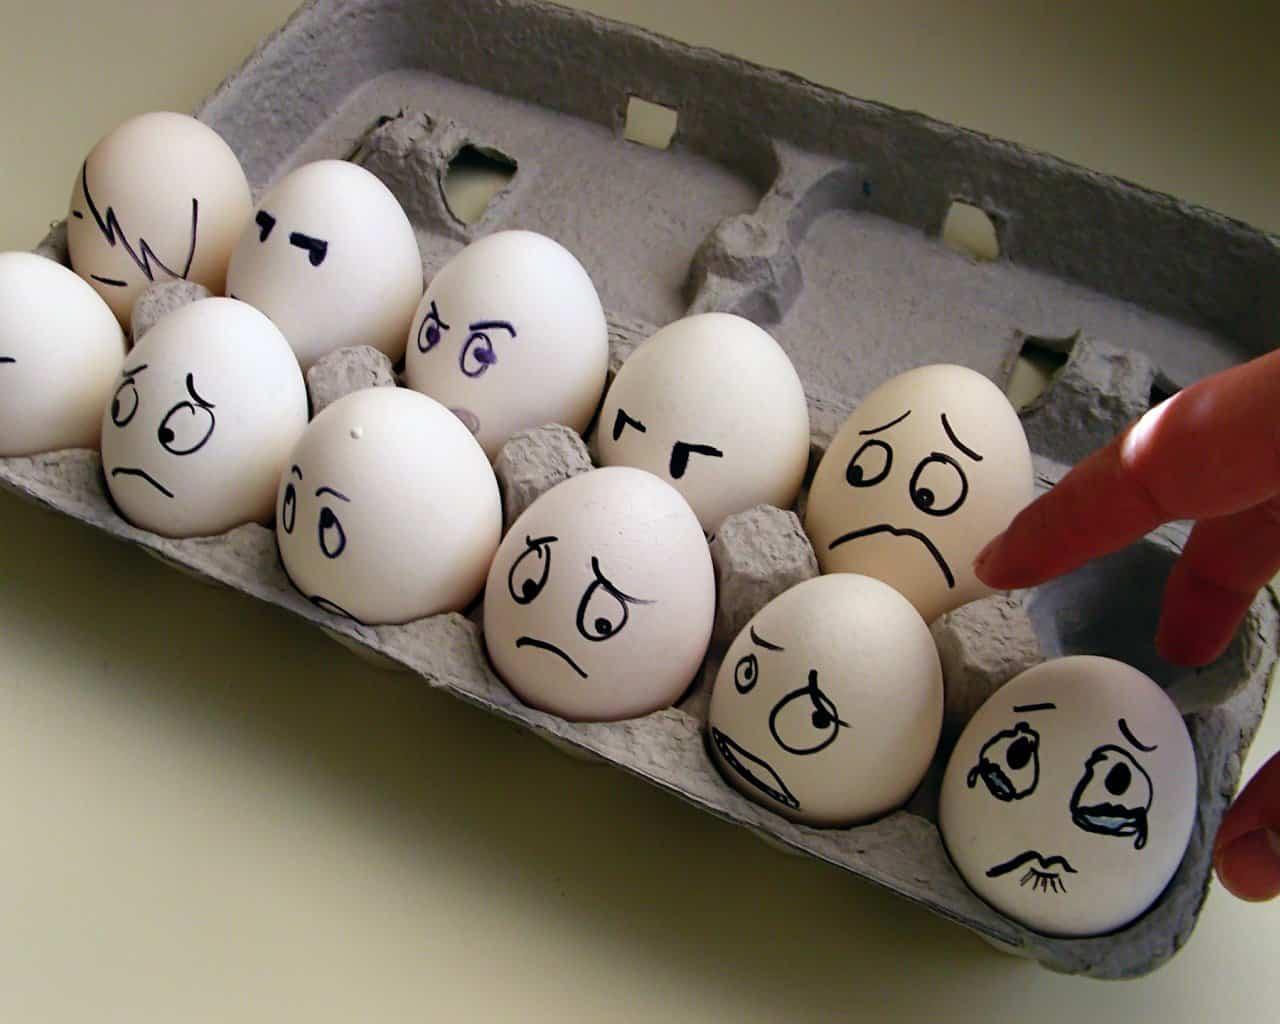 Как правильно хранить яйца | Как хранить яйца без холодильника